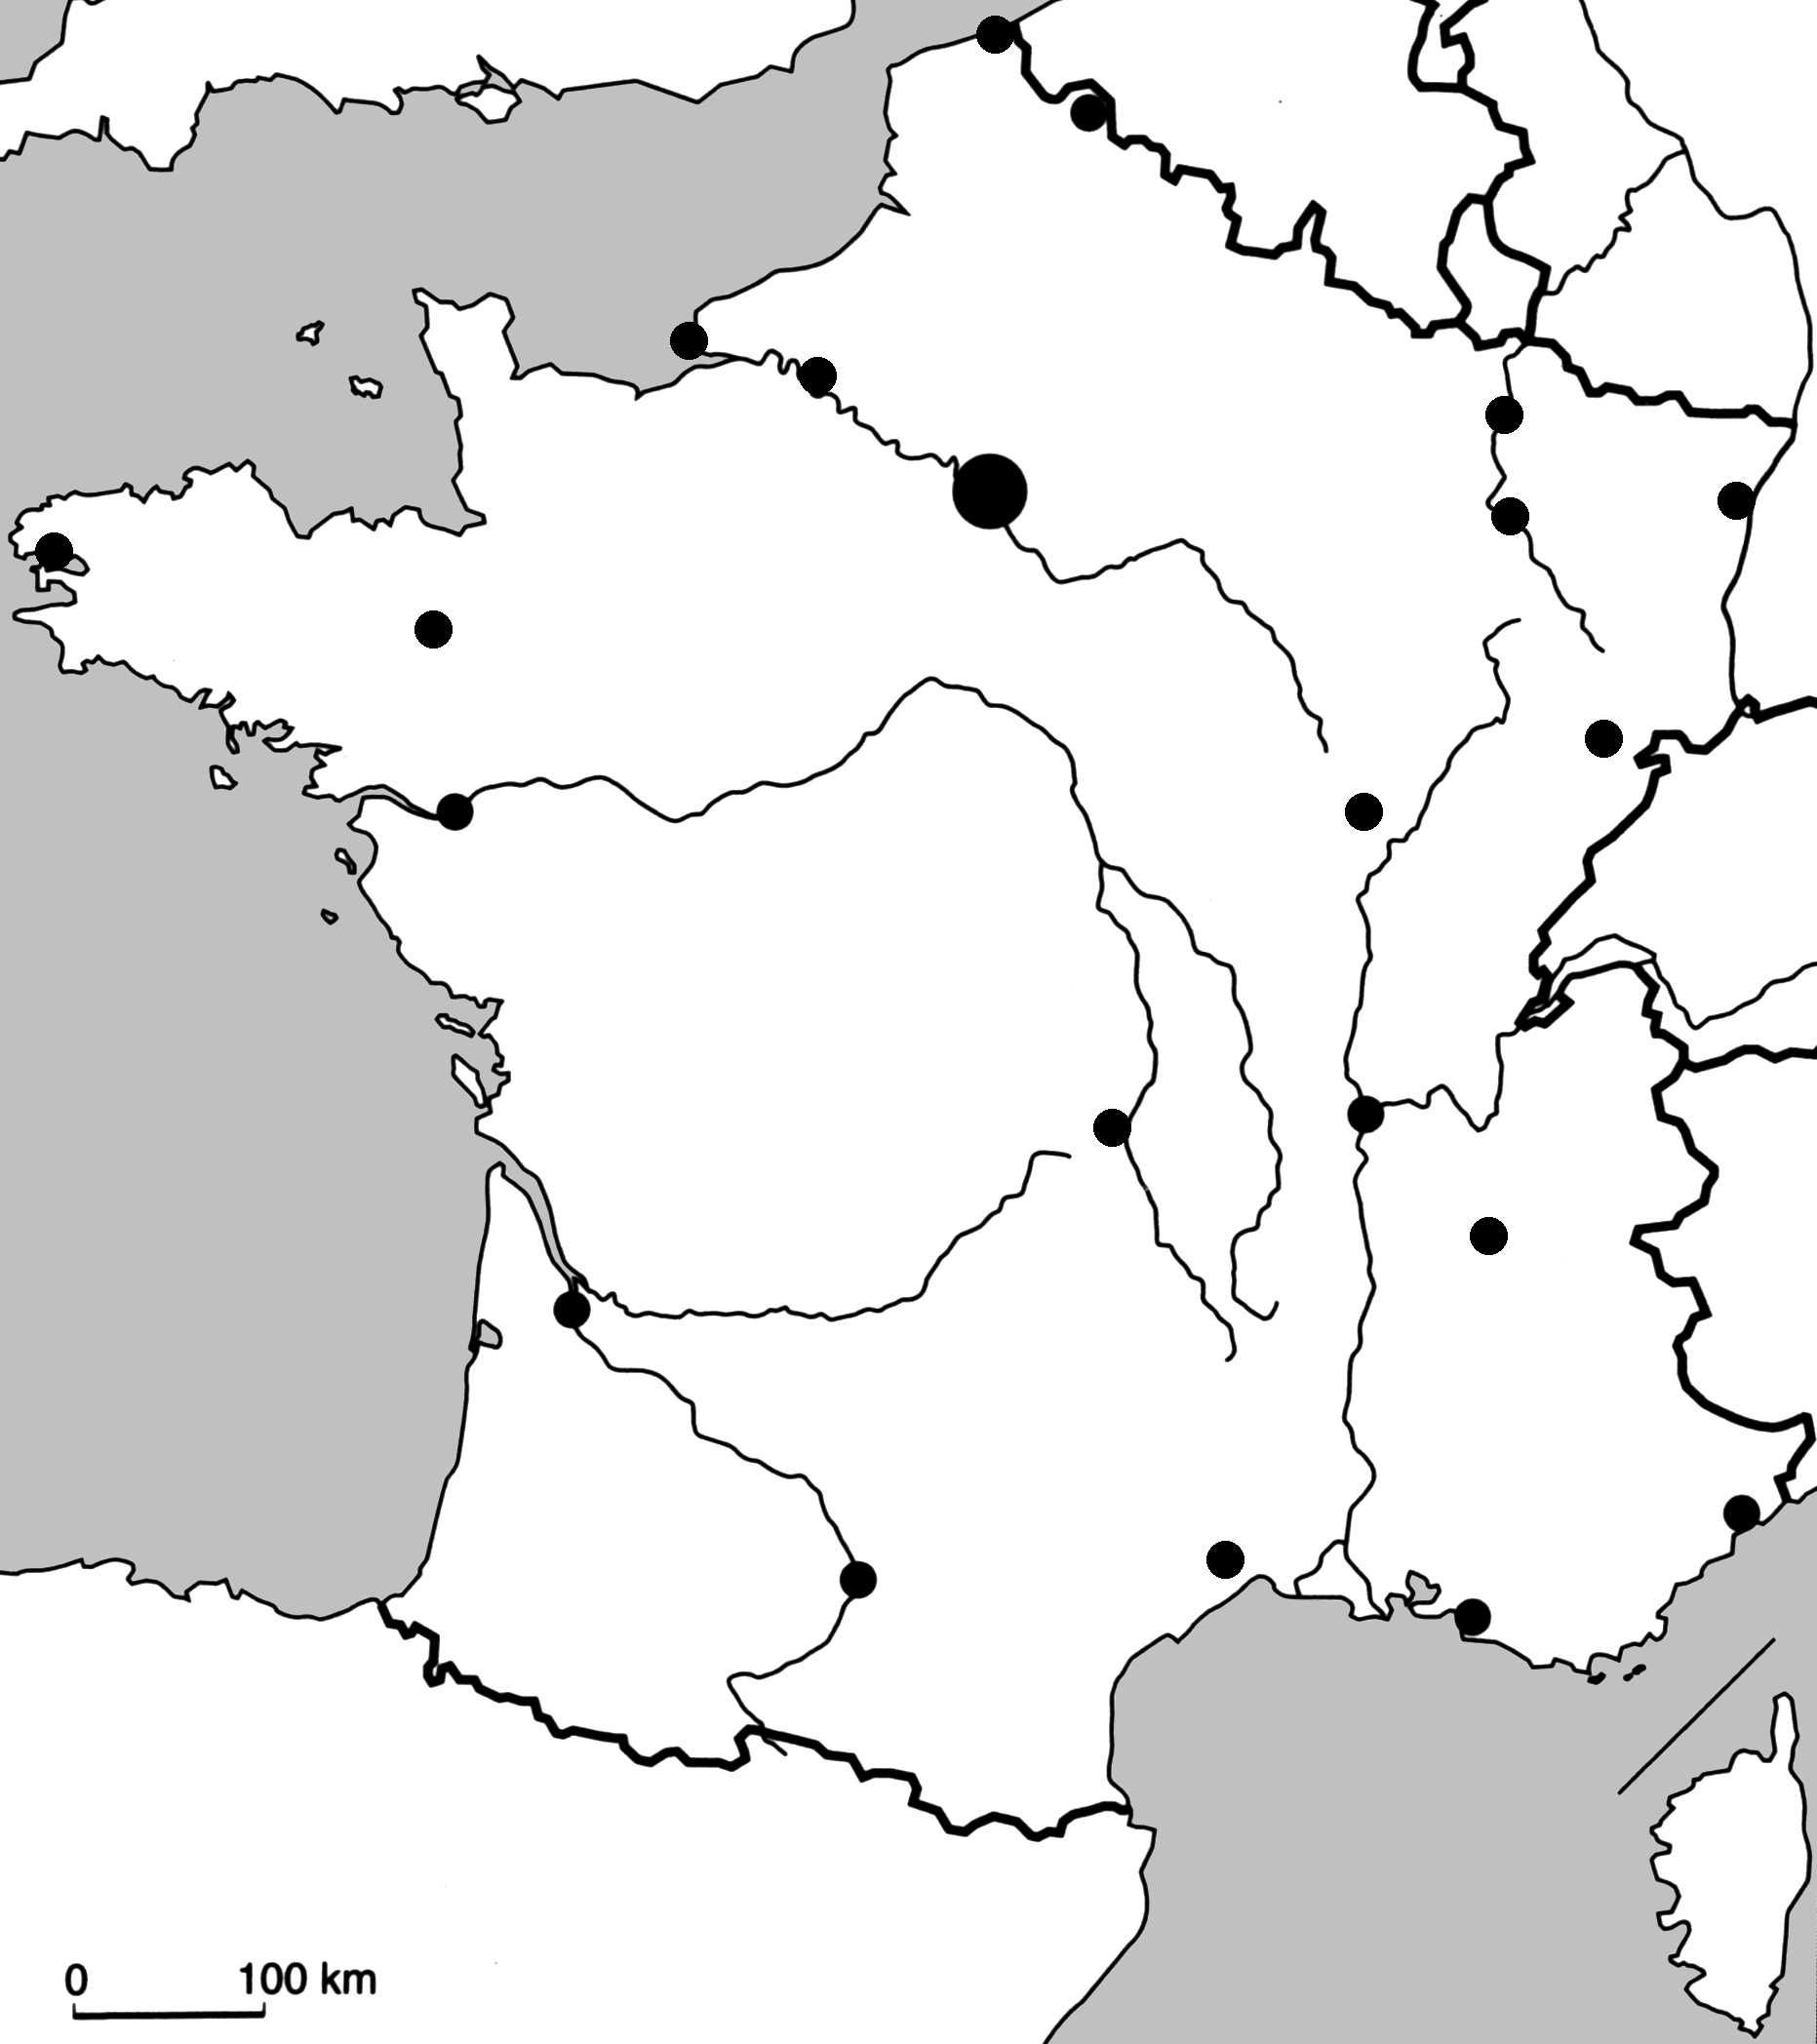 Afficher L'image D'origine | Carte France Vierge, Fleuve De pour Carte Fleuve France